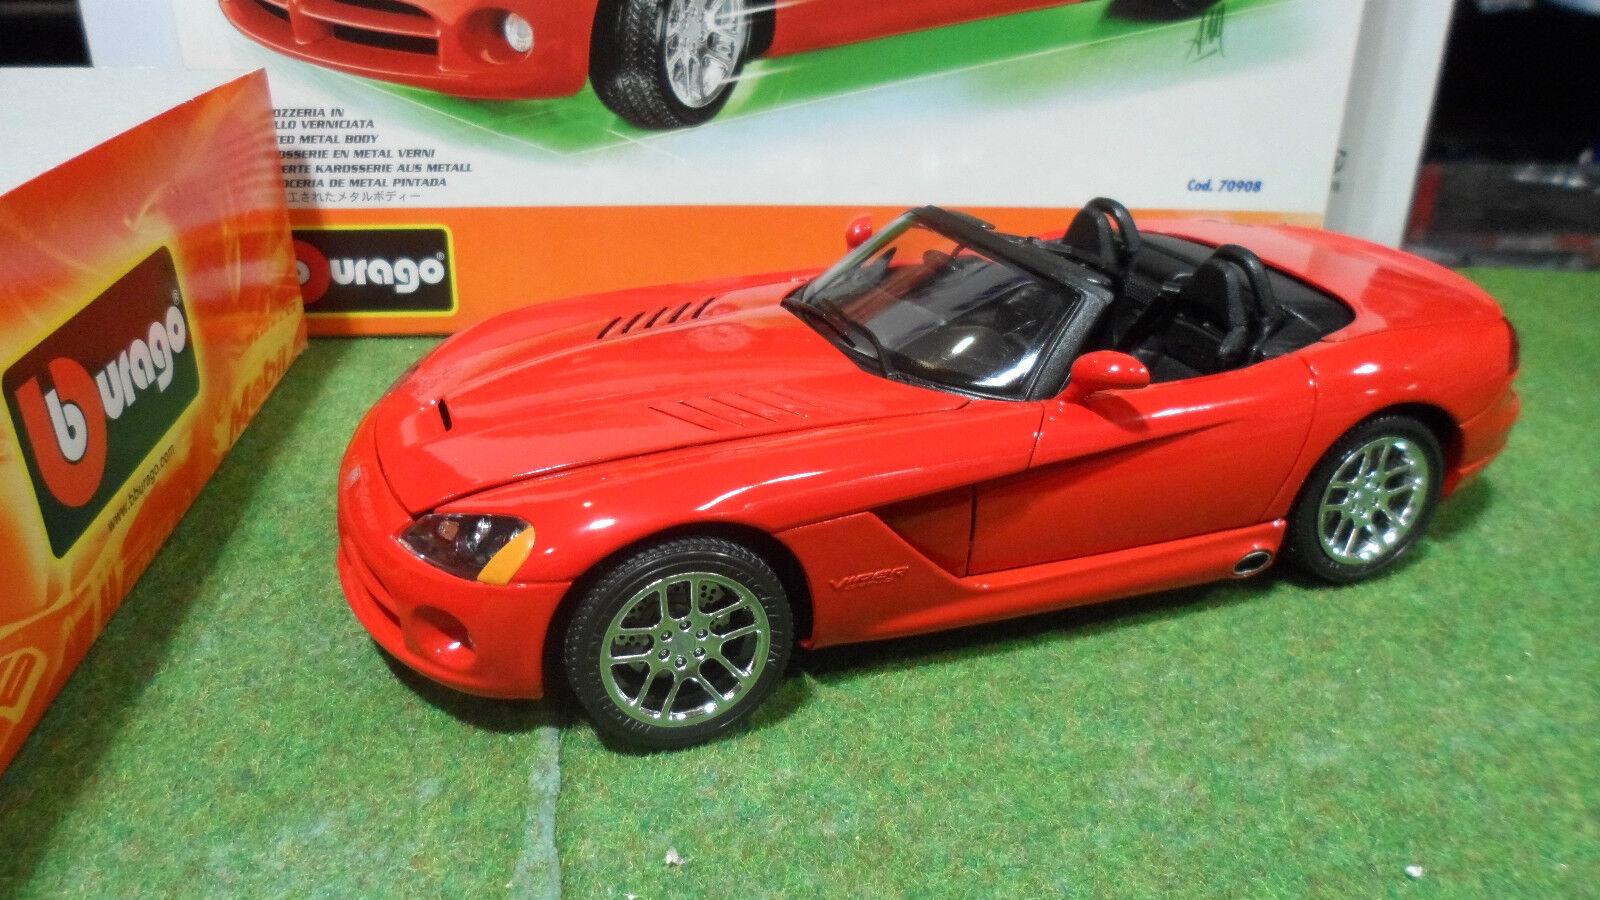 Dodge viper srt 10 convertible rouge 1 18  burago kit monte 70908 voiture miniature  différentes tailles